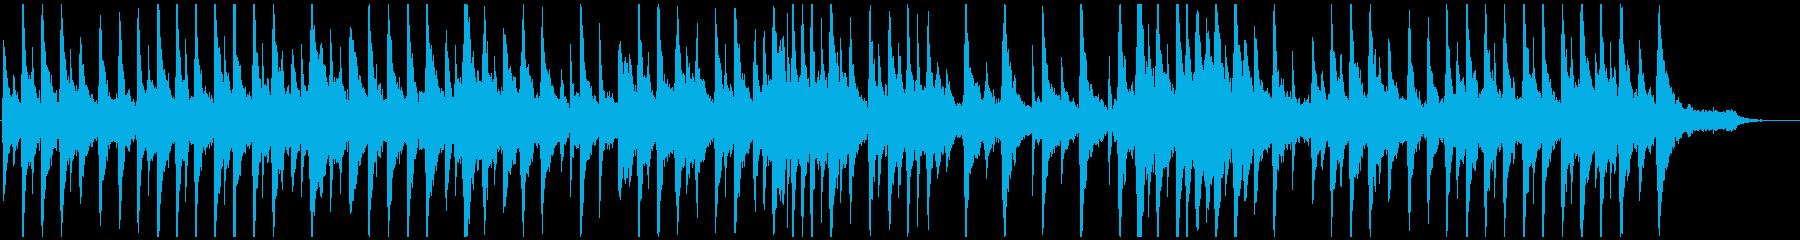 優しく広がりのあるピアノアンビエントの再生済みの波形